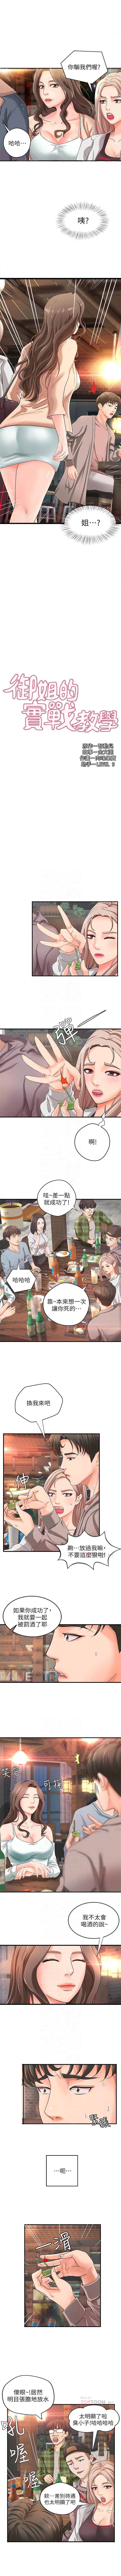 (週1)御姐的實戰教學 1-15 中文翻譯(更新中) 28